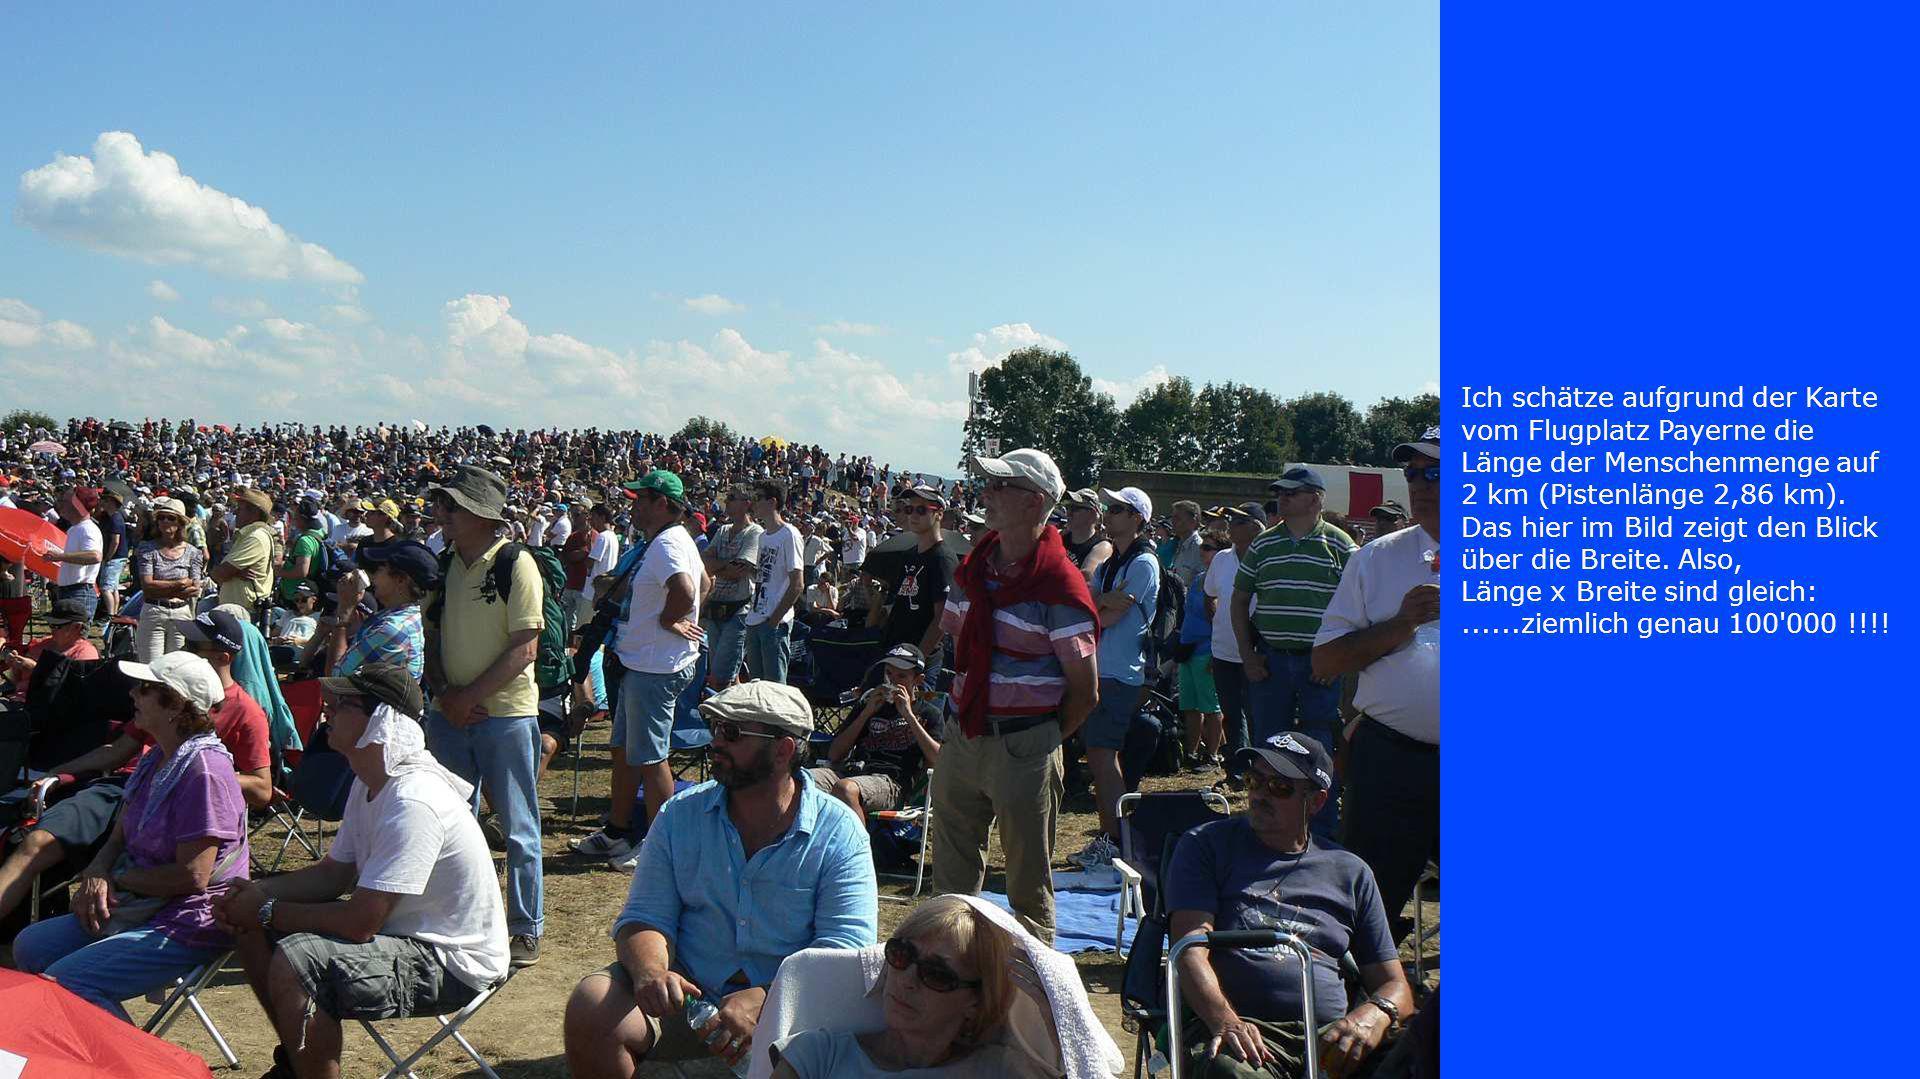 Ich schätze aufgrund der Karte vom Flugplatz Payerne die Länge der Menschenmenge auf 2 km (Pistenlänge 2,86 km).